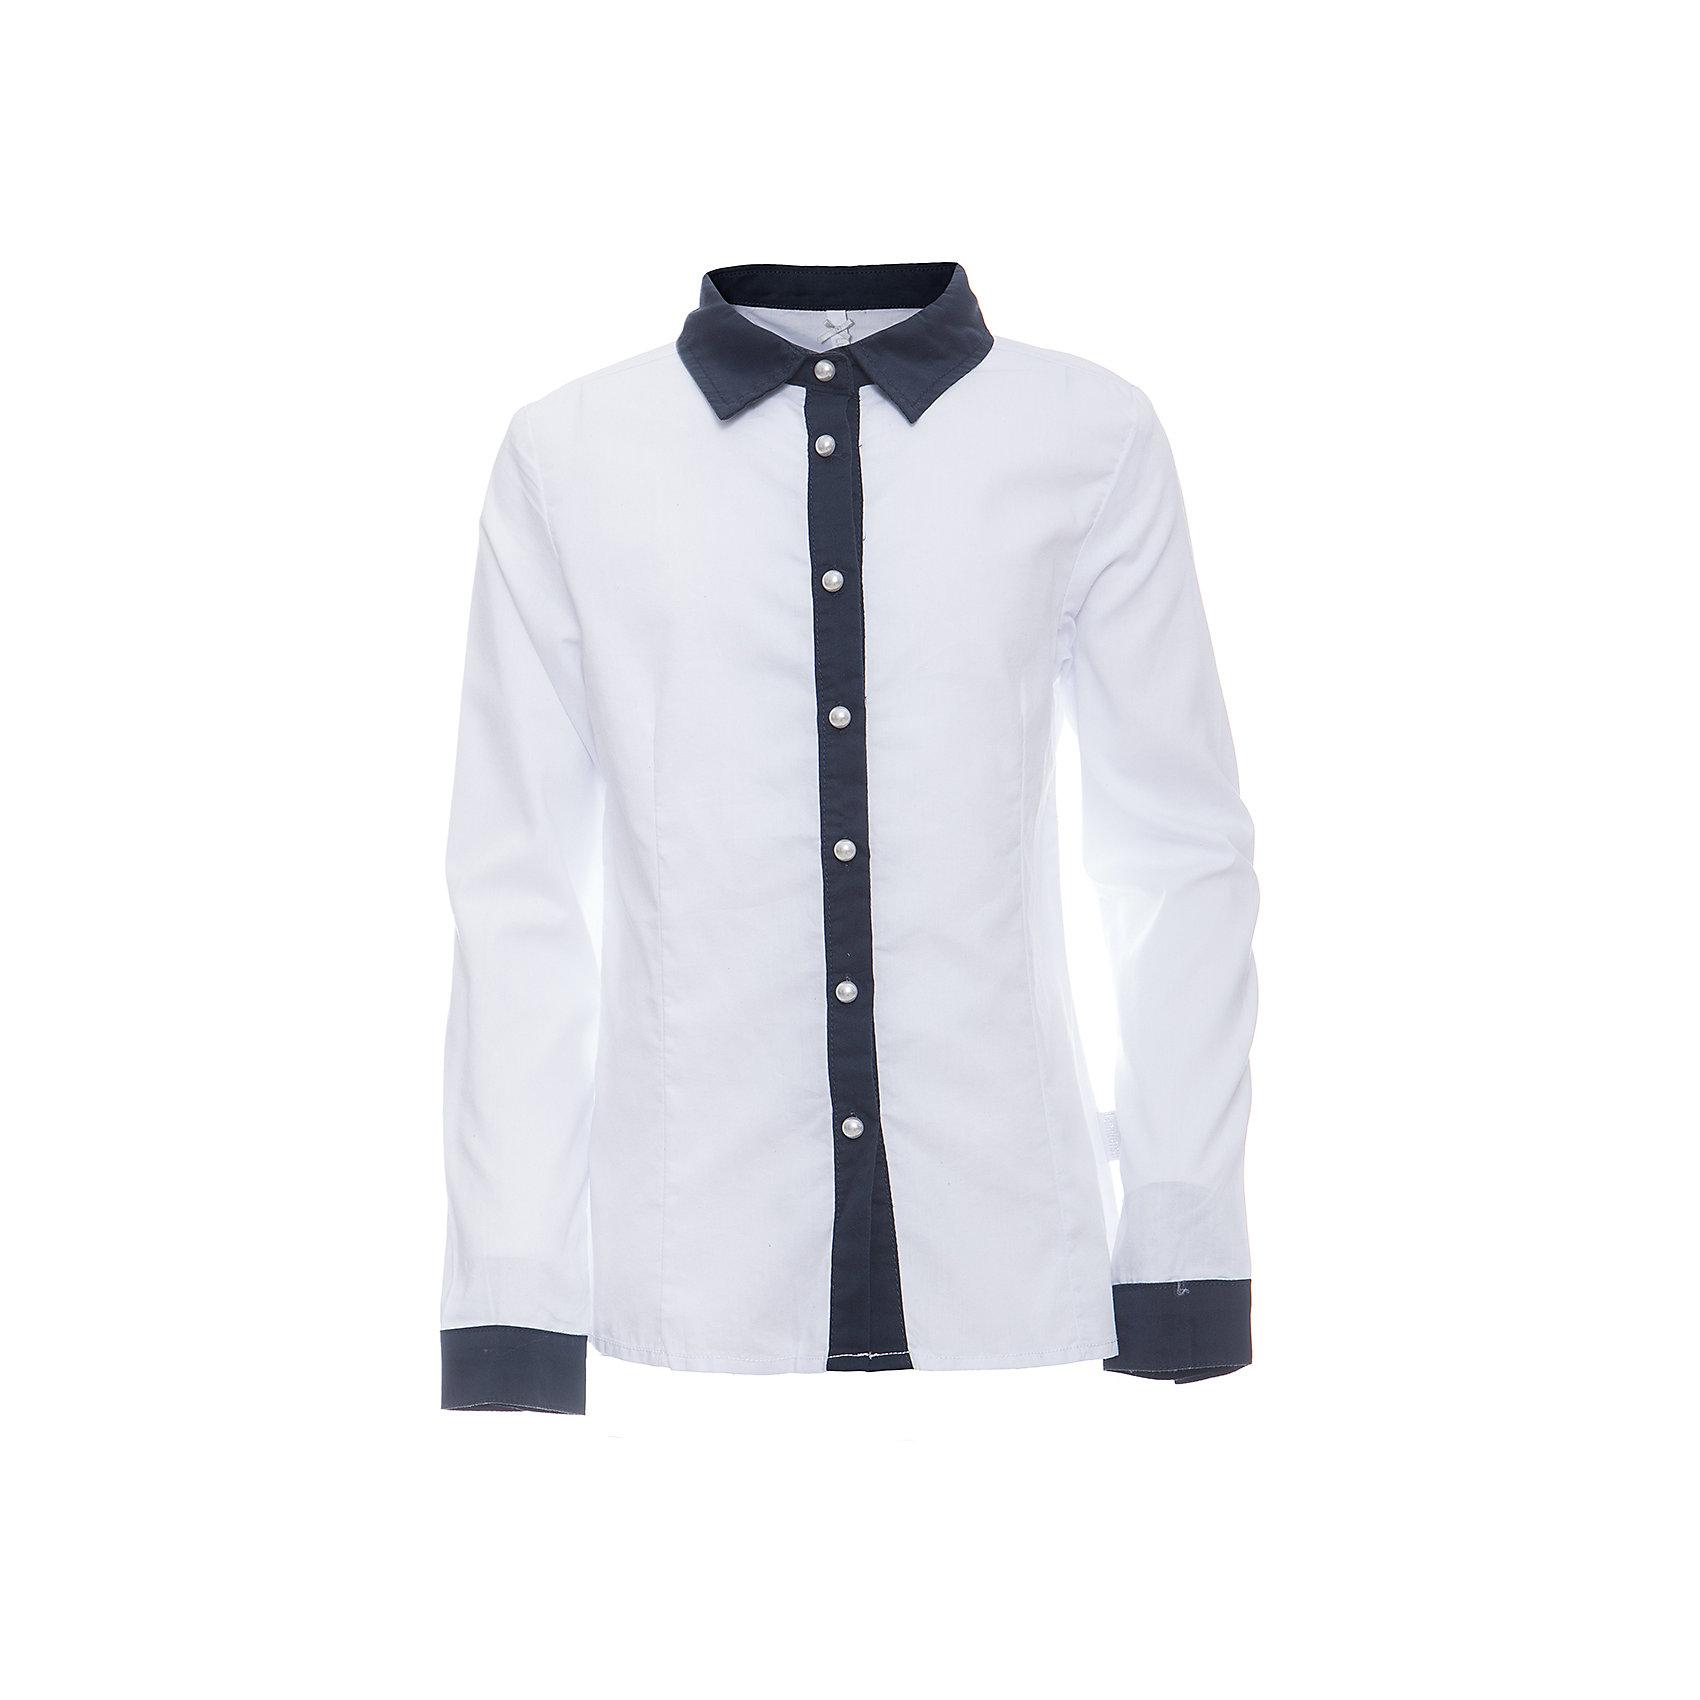 Блузка для девочки LuminosoБлузки и рубашки<br>Характеристики товара:<br><br>• цвет: белый;<br>• состав: 65% хлопок, 32% полиэстер, 3% эластан;<br>• сезон: демисезон;<br>• особенности: школьная, с брошью;<br>• застежка: пуговицы;<br>• с длинным рукавом;<br>• декорирована изящной брошью;<br>• манжеты рукавов на пуговице;<br>• страна бренда: Россия;<br>• страна производства: Китай.<br><br>Школьная блузка с длинным рукавом для девочки. Белая блузка приталенного кроя. Декорированна изящной брошью и контрастной отделкой планки и манжетов на рукавах. Застегивается на пуговки.<br><br>Блузка для девочки Luminoso (Люминосо) можно купить в нашем интернет-магазине.<br><br>Ширина мм: 186<br>Глубина мм: 87<br>Высота мм: 198<br>Вес г: 197<br>Цвет: белый<br>Возраст от месяцев: 96<br>Возраст до месяцев: 108<br>Пол: Женский<br>Возраст: Детский<br>Размер: 134,164,122,128,140,146,152,158<br>SKU: 6672038